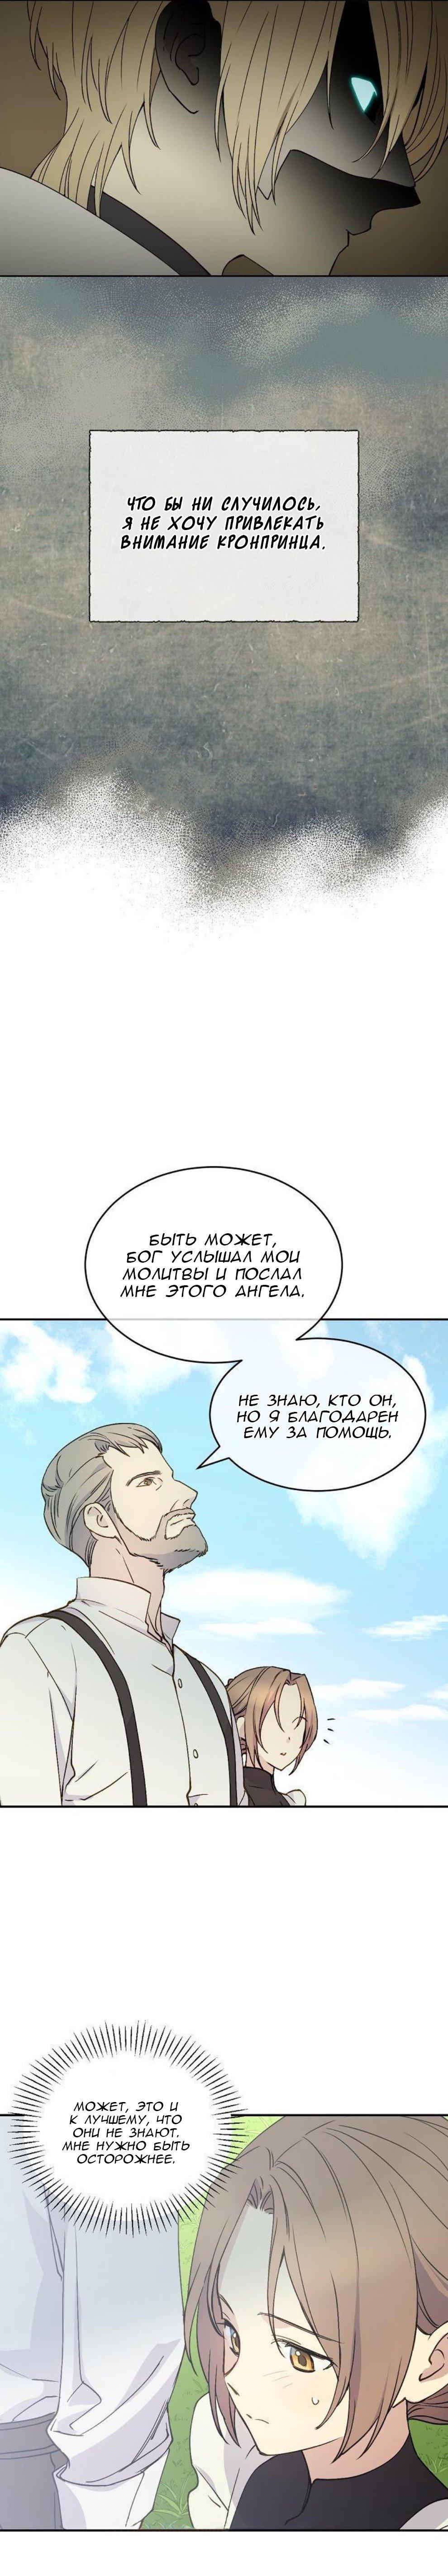 Манга Способная горничная / Capable maid  - Том 1 Глава 5 Страница 3